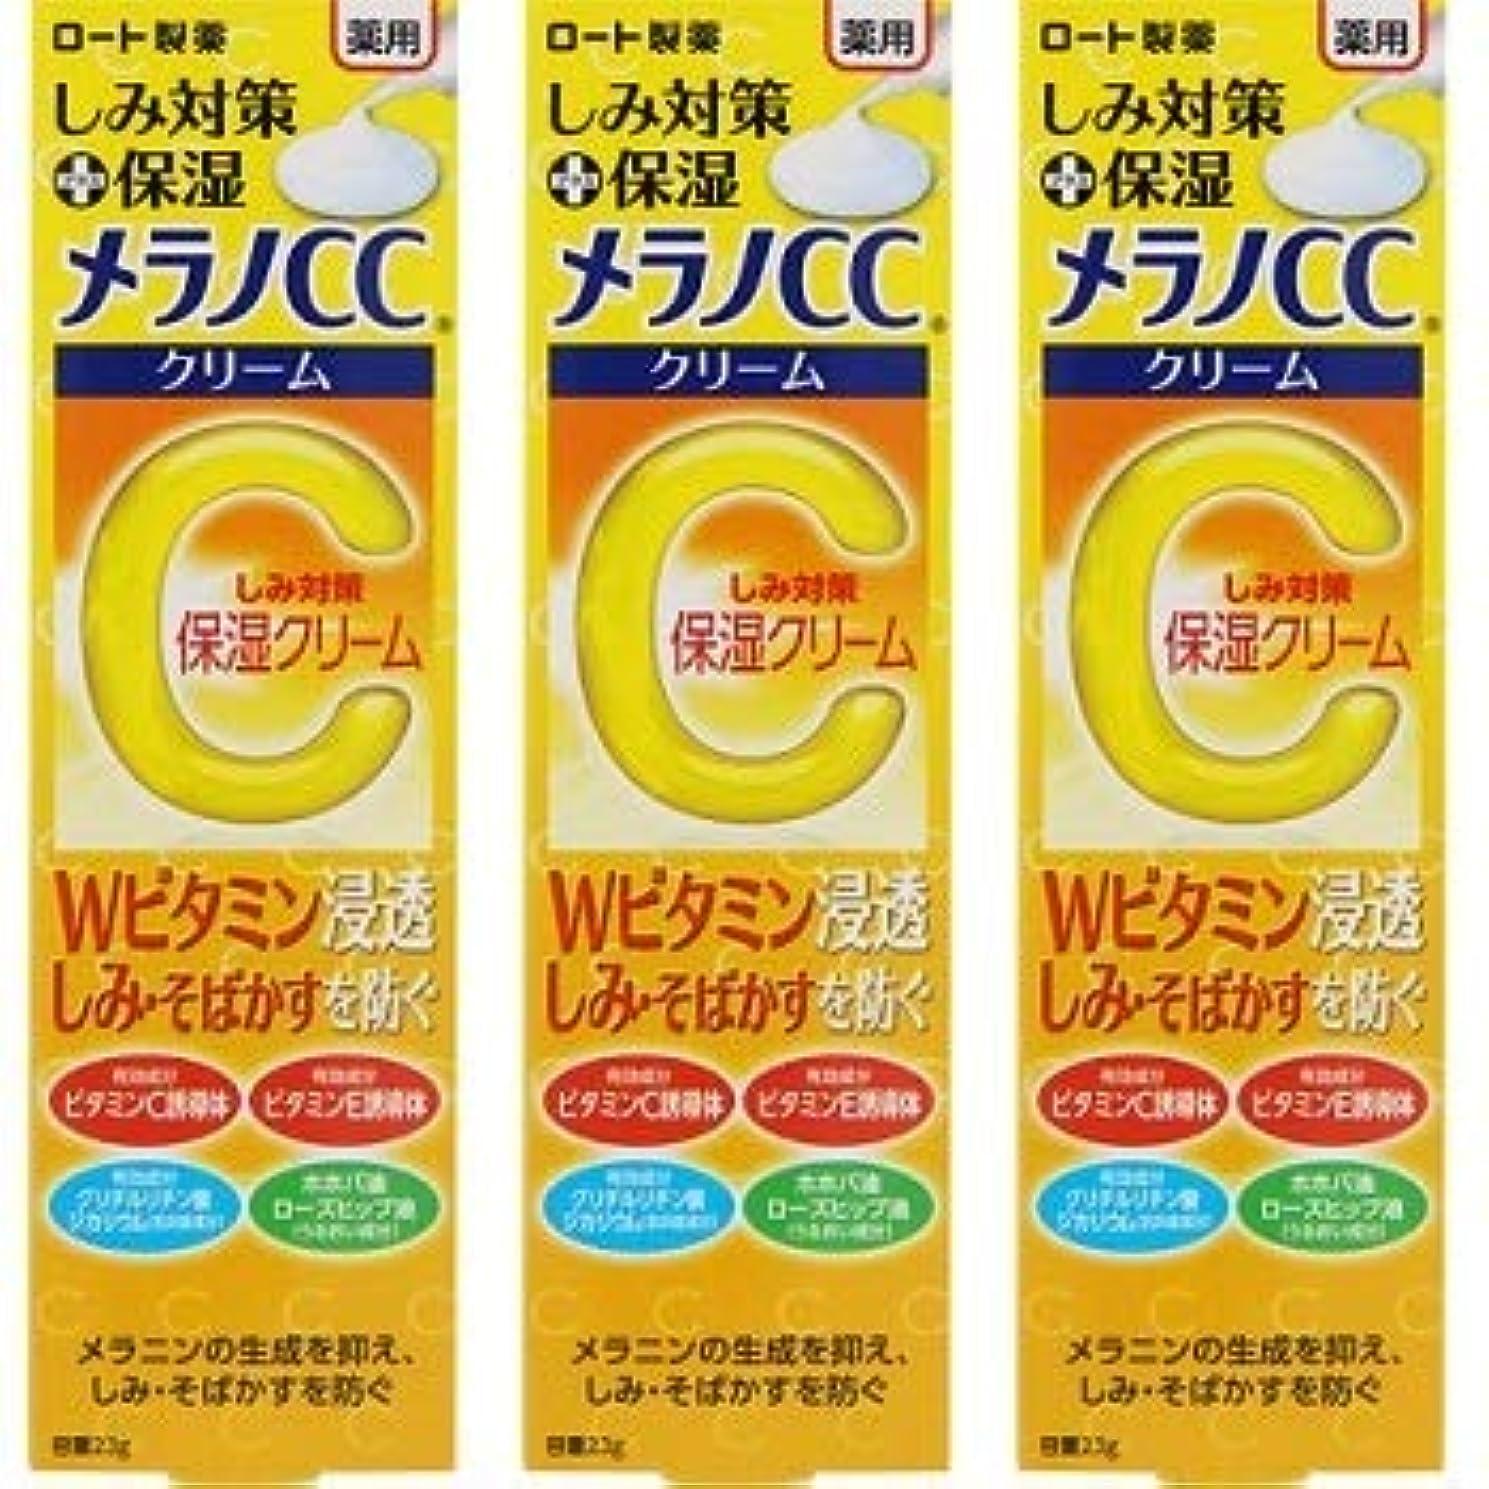 立ち寄る積極的に夜明けメラノCC 薬用しみ対策 保湿クリーム 23g×3個セット